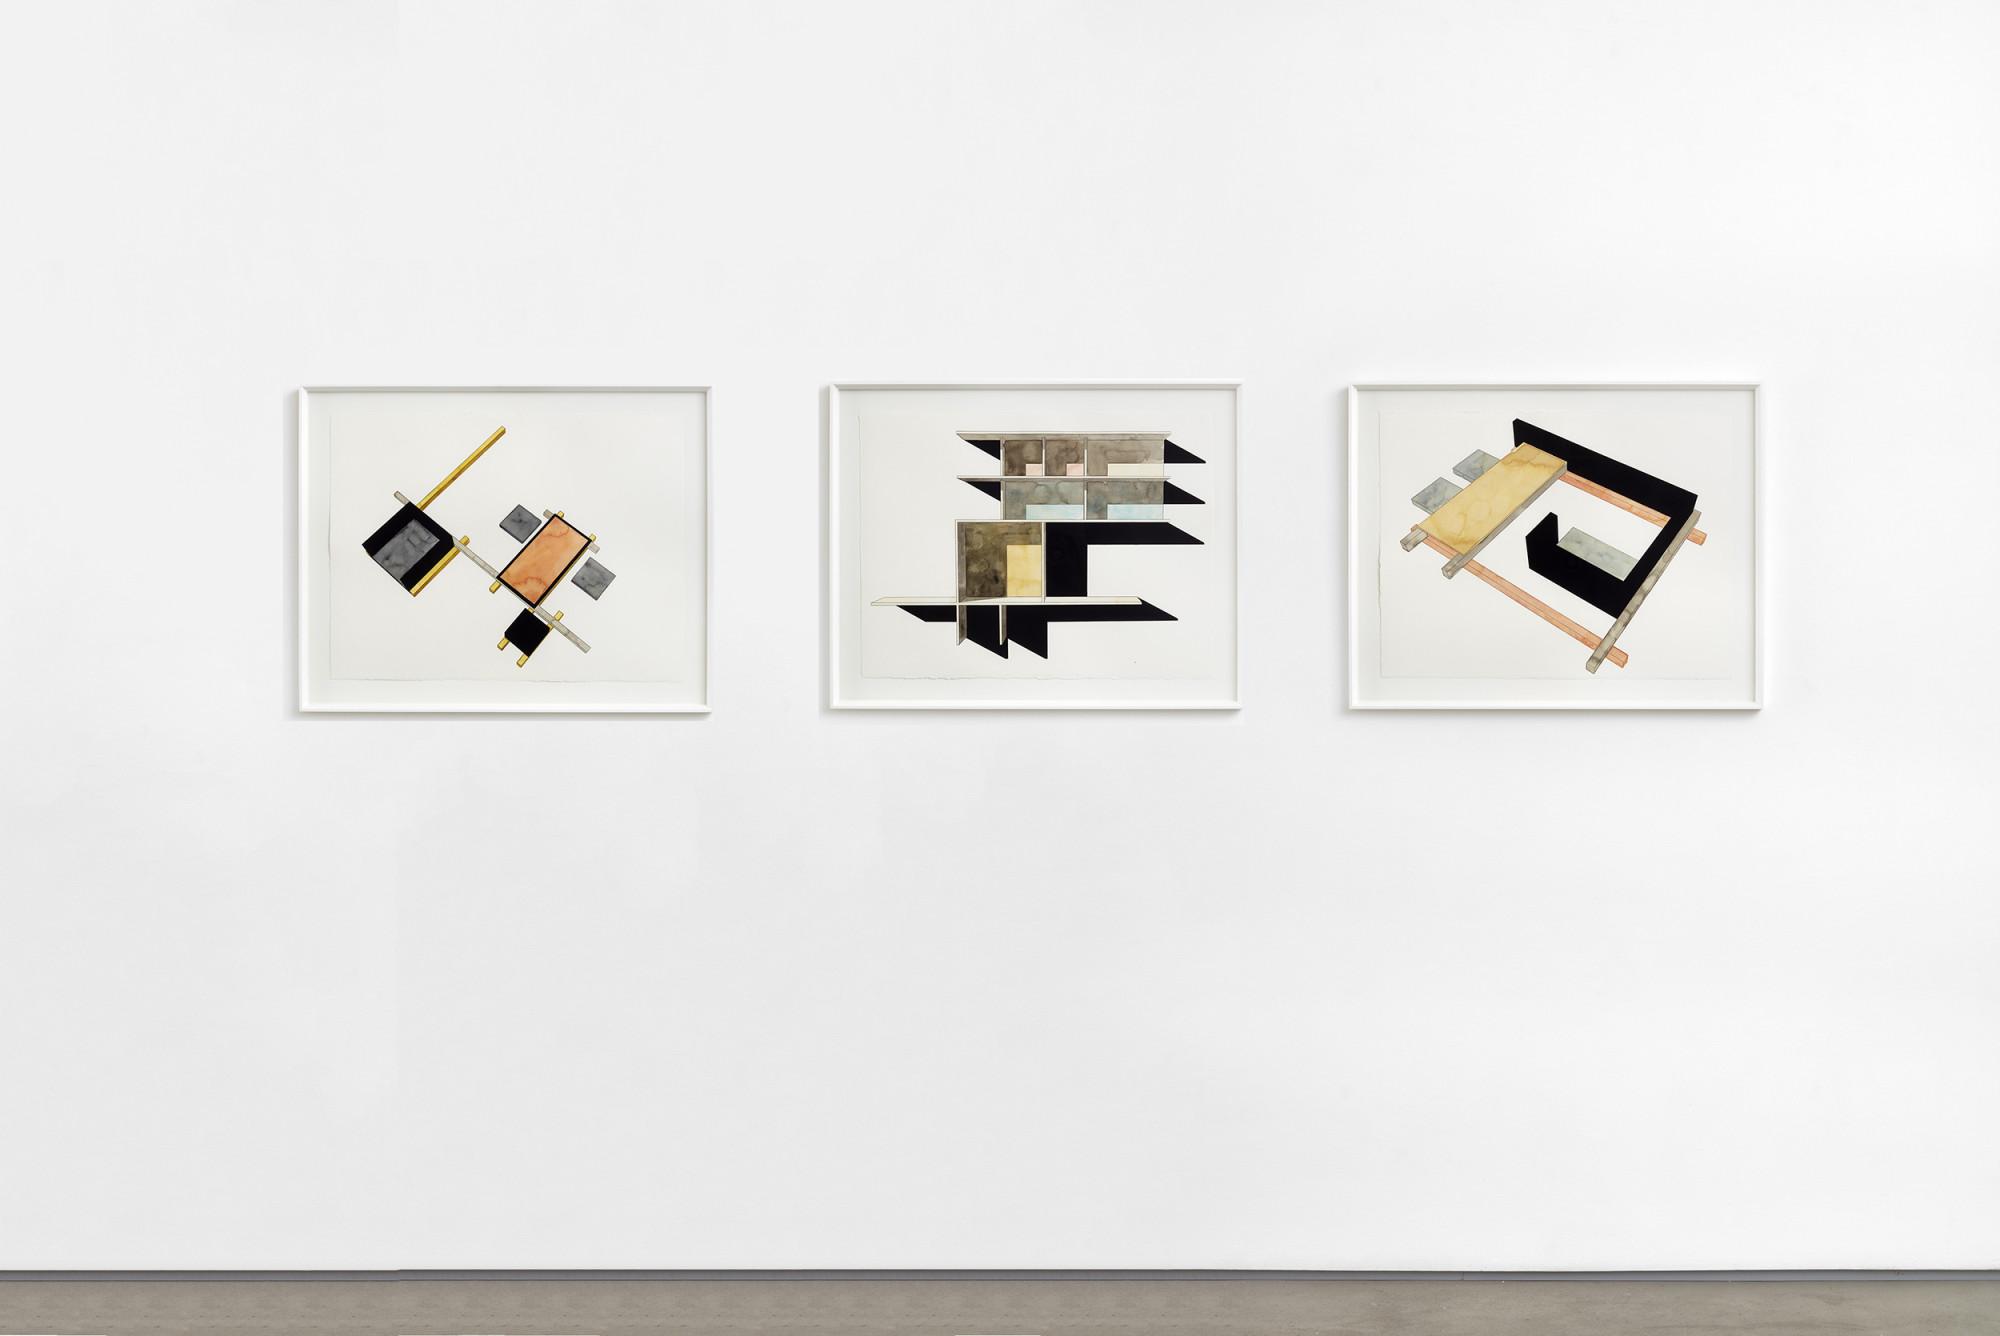 """<div class=""""artwork_caption""""><div class=""""title""""><em>Untitled</em>, 2018</div><div class=""""medium"""">watercolour on paper</div><div class=""""dimensions"""">site size: 58 x 76.5 cm / 22 7/8 x 30 1/8 in<br />frame size: 70.3 x 89 x 3.3 cm /27 5/8 x 35 1/8 x 1 1/4 in<br /><br /></div><div class=""""dimensions""""><div class=""""title""""><em>Untitled</em>, 2018</div><div class=""""medium"""">watercolour on paper</div><div class=""""dimensions"""">site size: 58 x 77 cm / 22 7/8 x 30 1/4 in<br />frame size: 70.3 x 89 x 3.3 cm / 27 5/8 x 35 1/8 x 1 1/4 in</div><div class=""""dimensions""""></div><div class=""""dimensions""""><div class=""""title""""><em>Untitled</em>, 2018</div><div class=""""medium"""">watercolour on paper</div><div class=""""dimensions"""">site size: 58 x 77 cm / 22 7/8 x 30 1/4 in<br />frame size: 70.3 x 89 x 3.3 cm / 27 5/8 x 35 1/8 x 1 1/4 in</div></div></div></div>"""